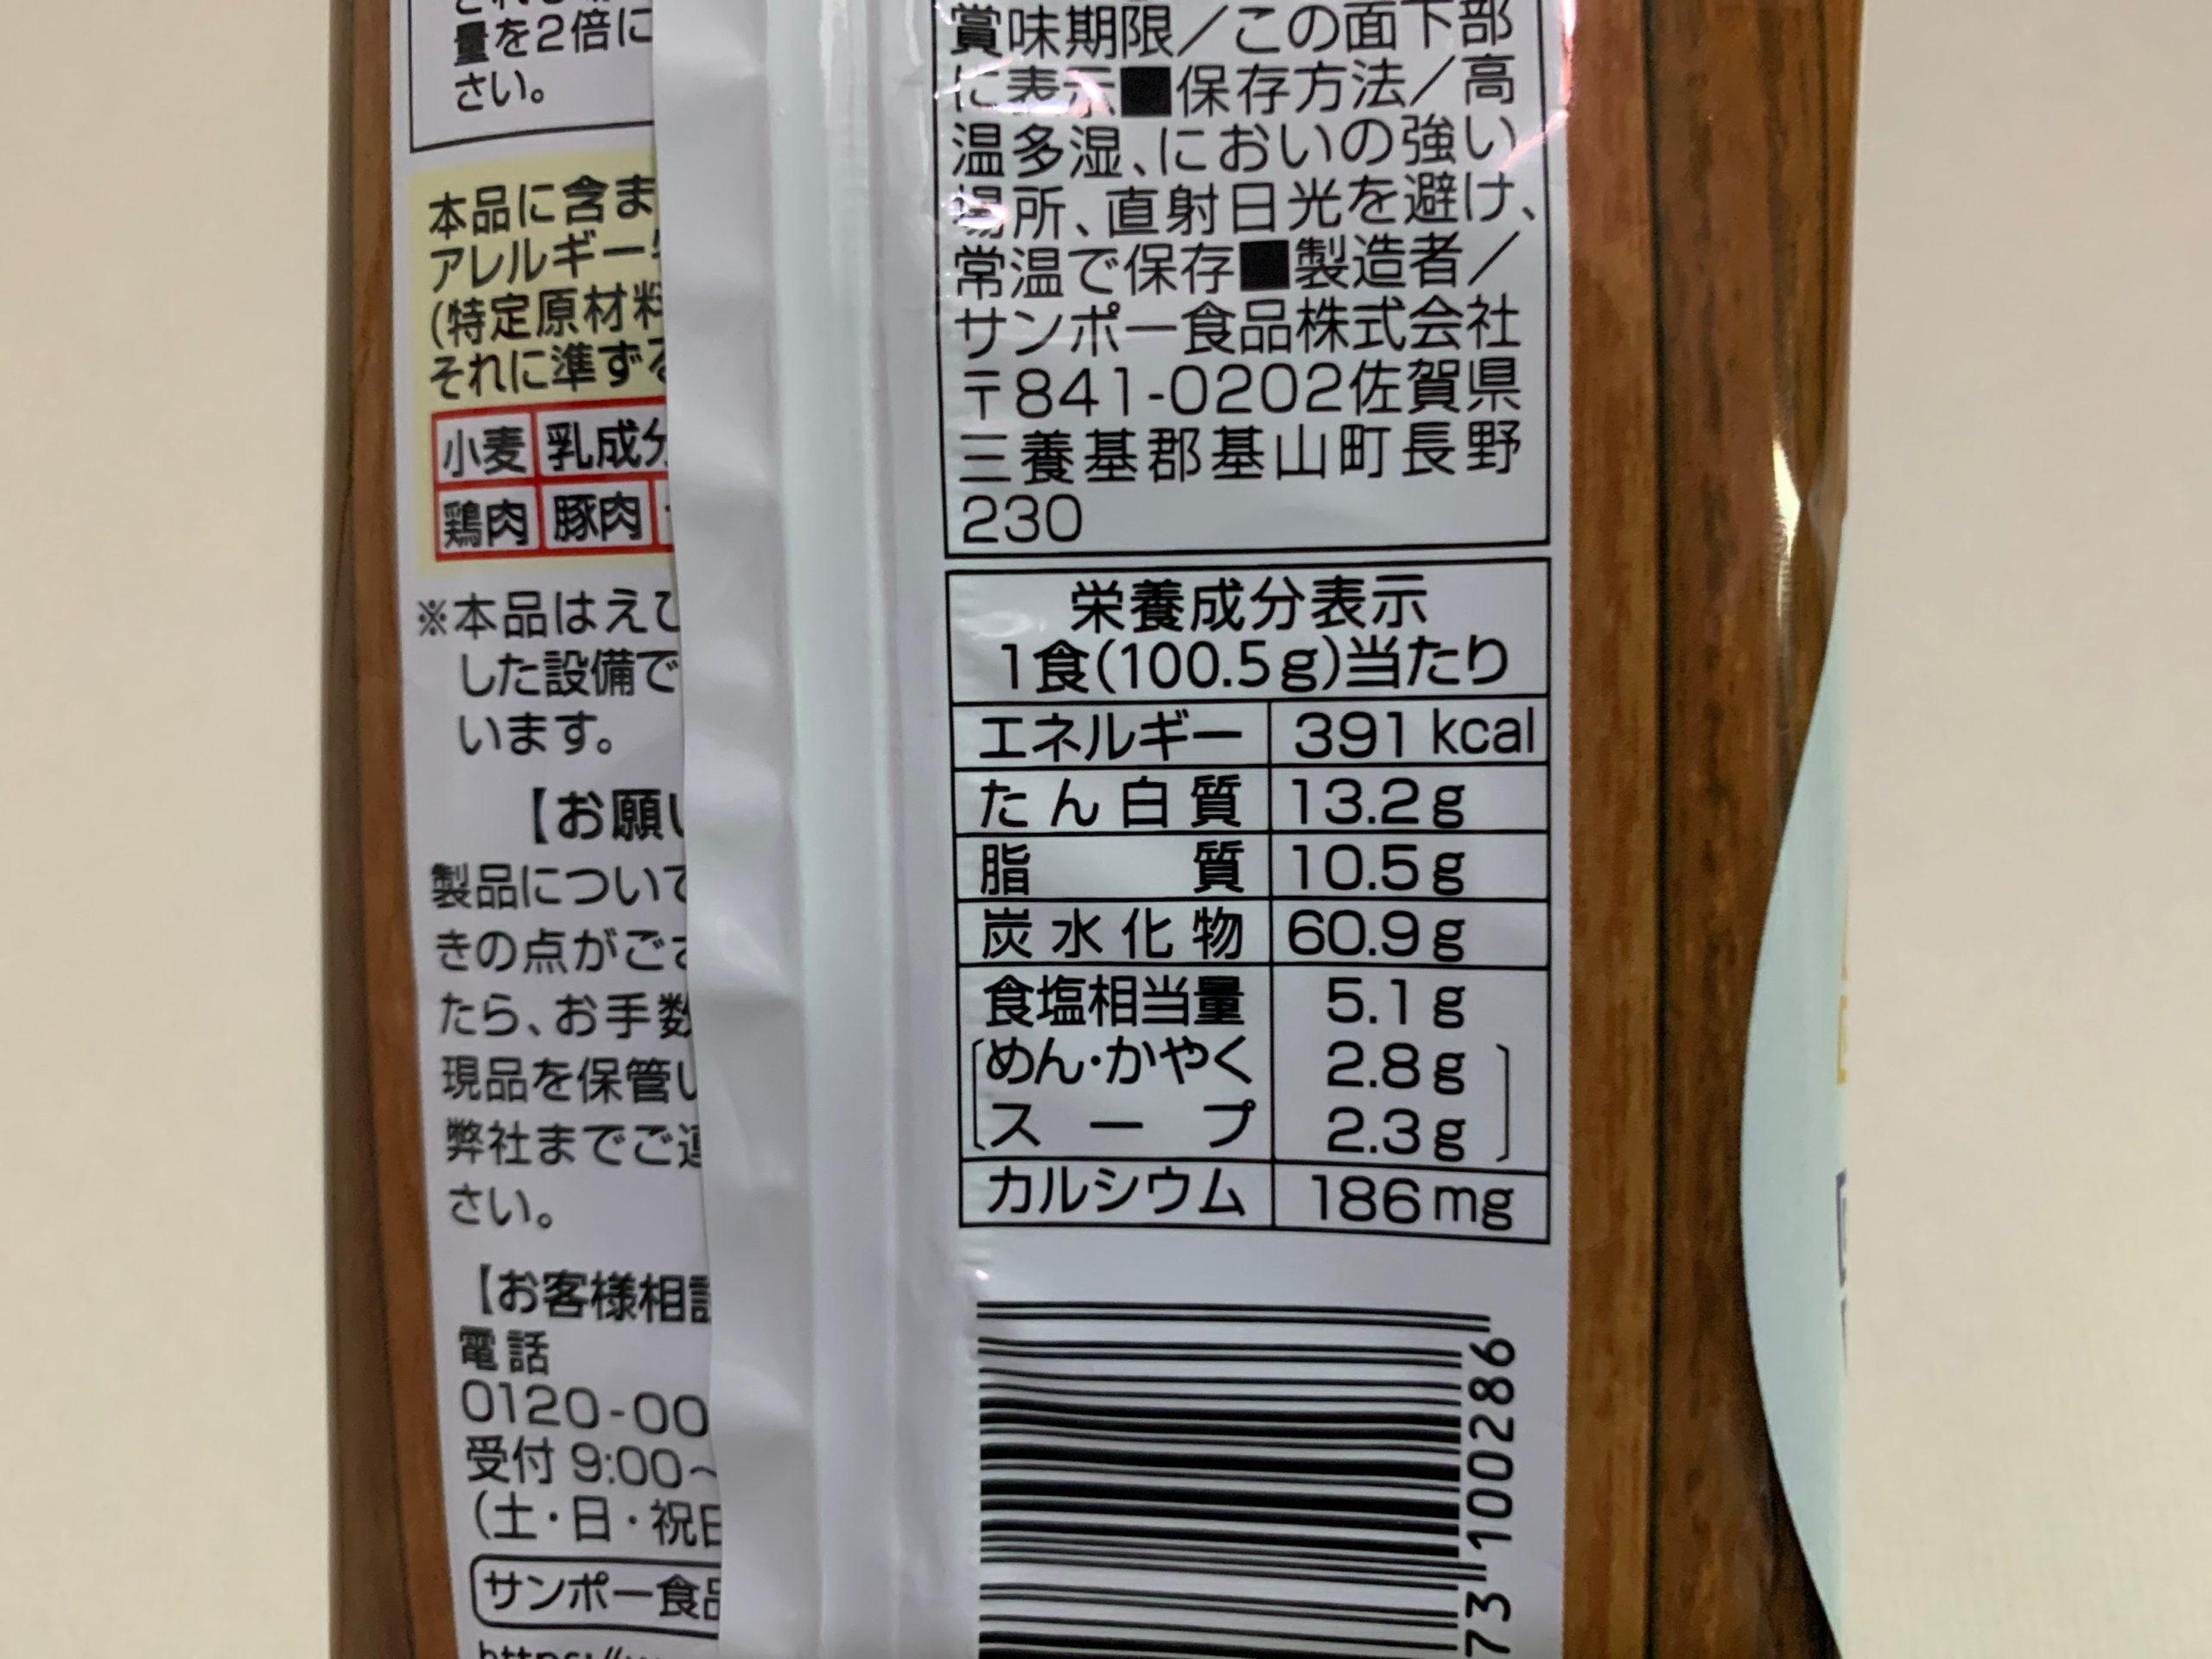 サンポー丸星ラーメンの栄養成分